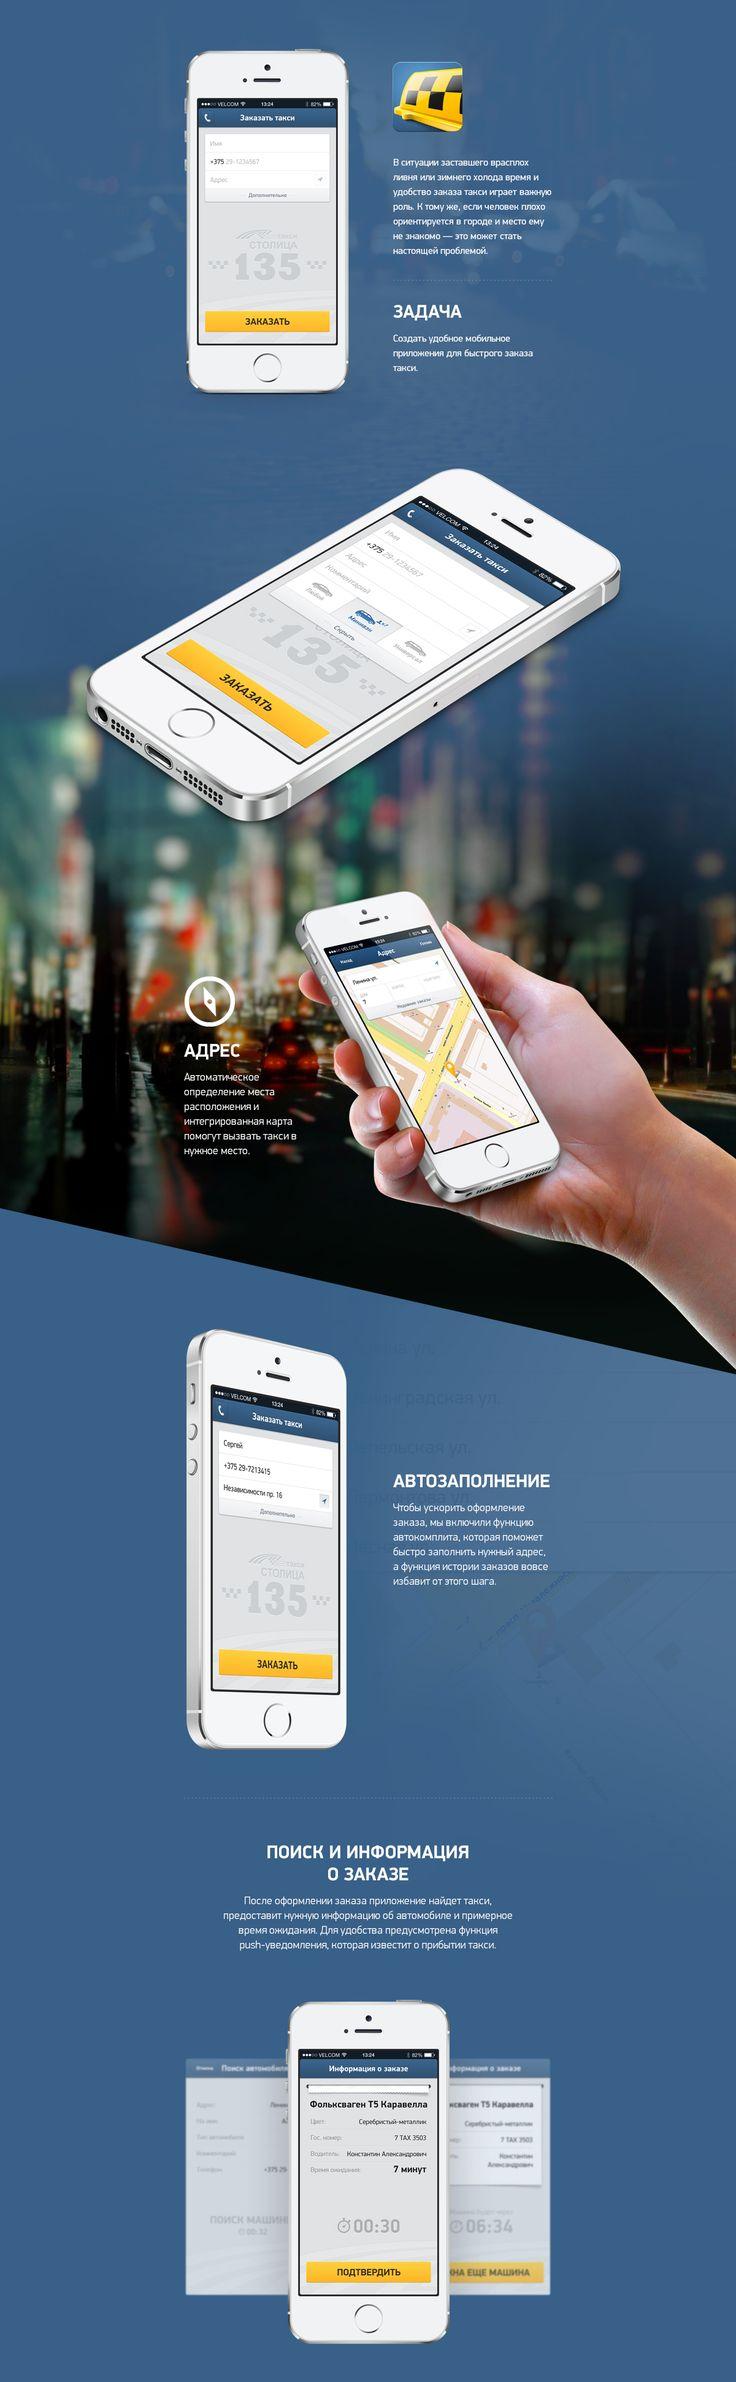 Мобильное приложение для такси, Interface © МаксКовальский